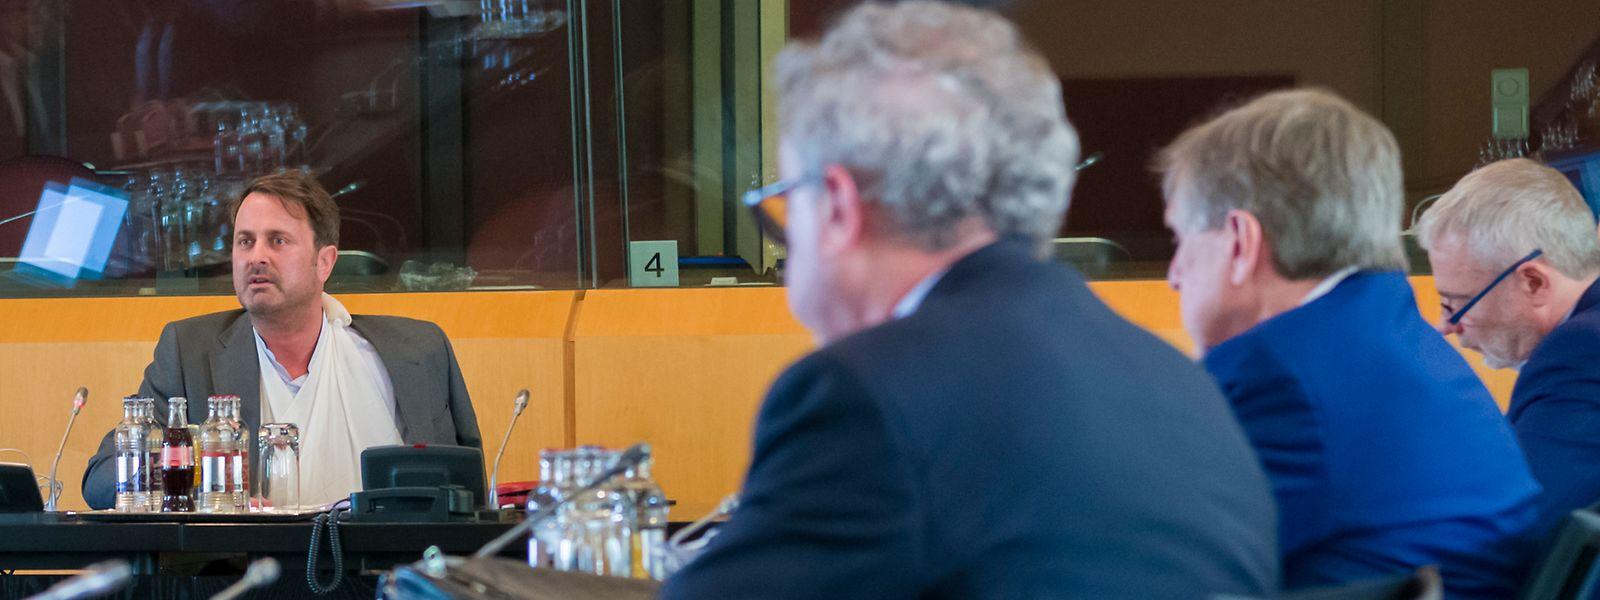 Le Premier ministre était entouré de six ministres pour cette rencontre sous haute tension.